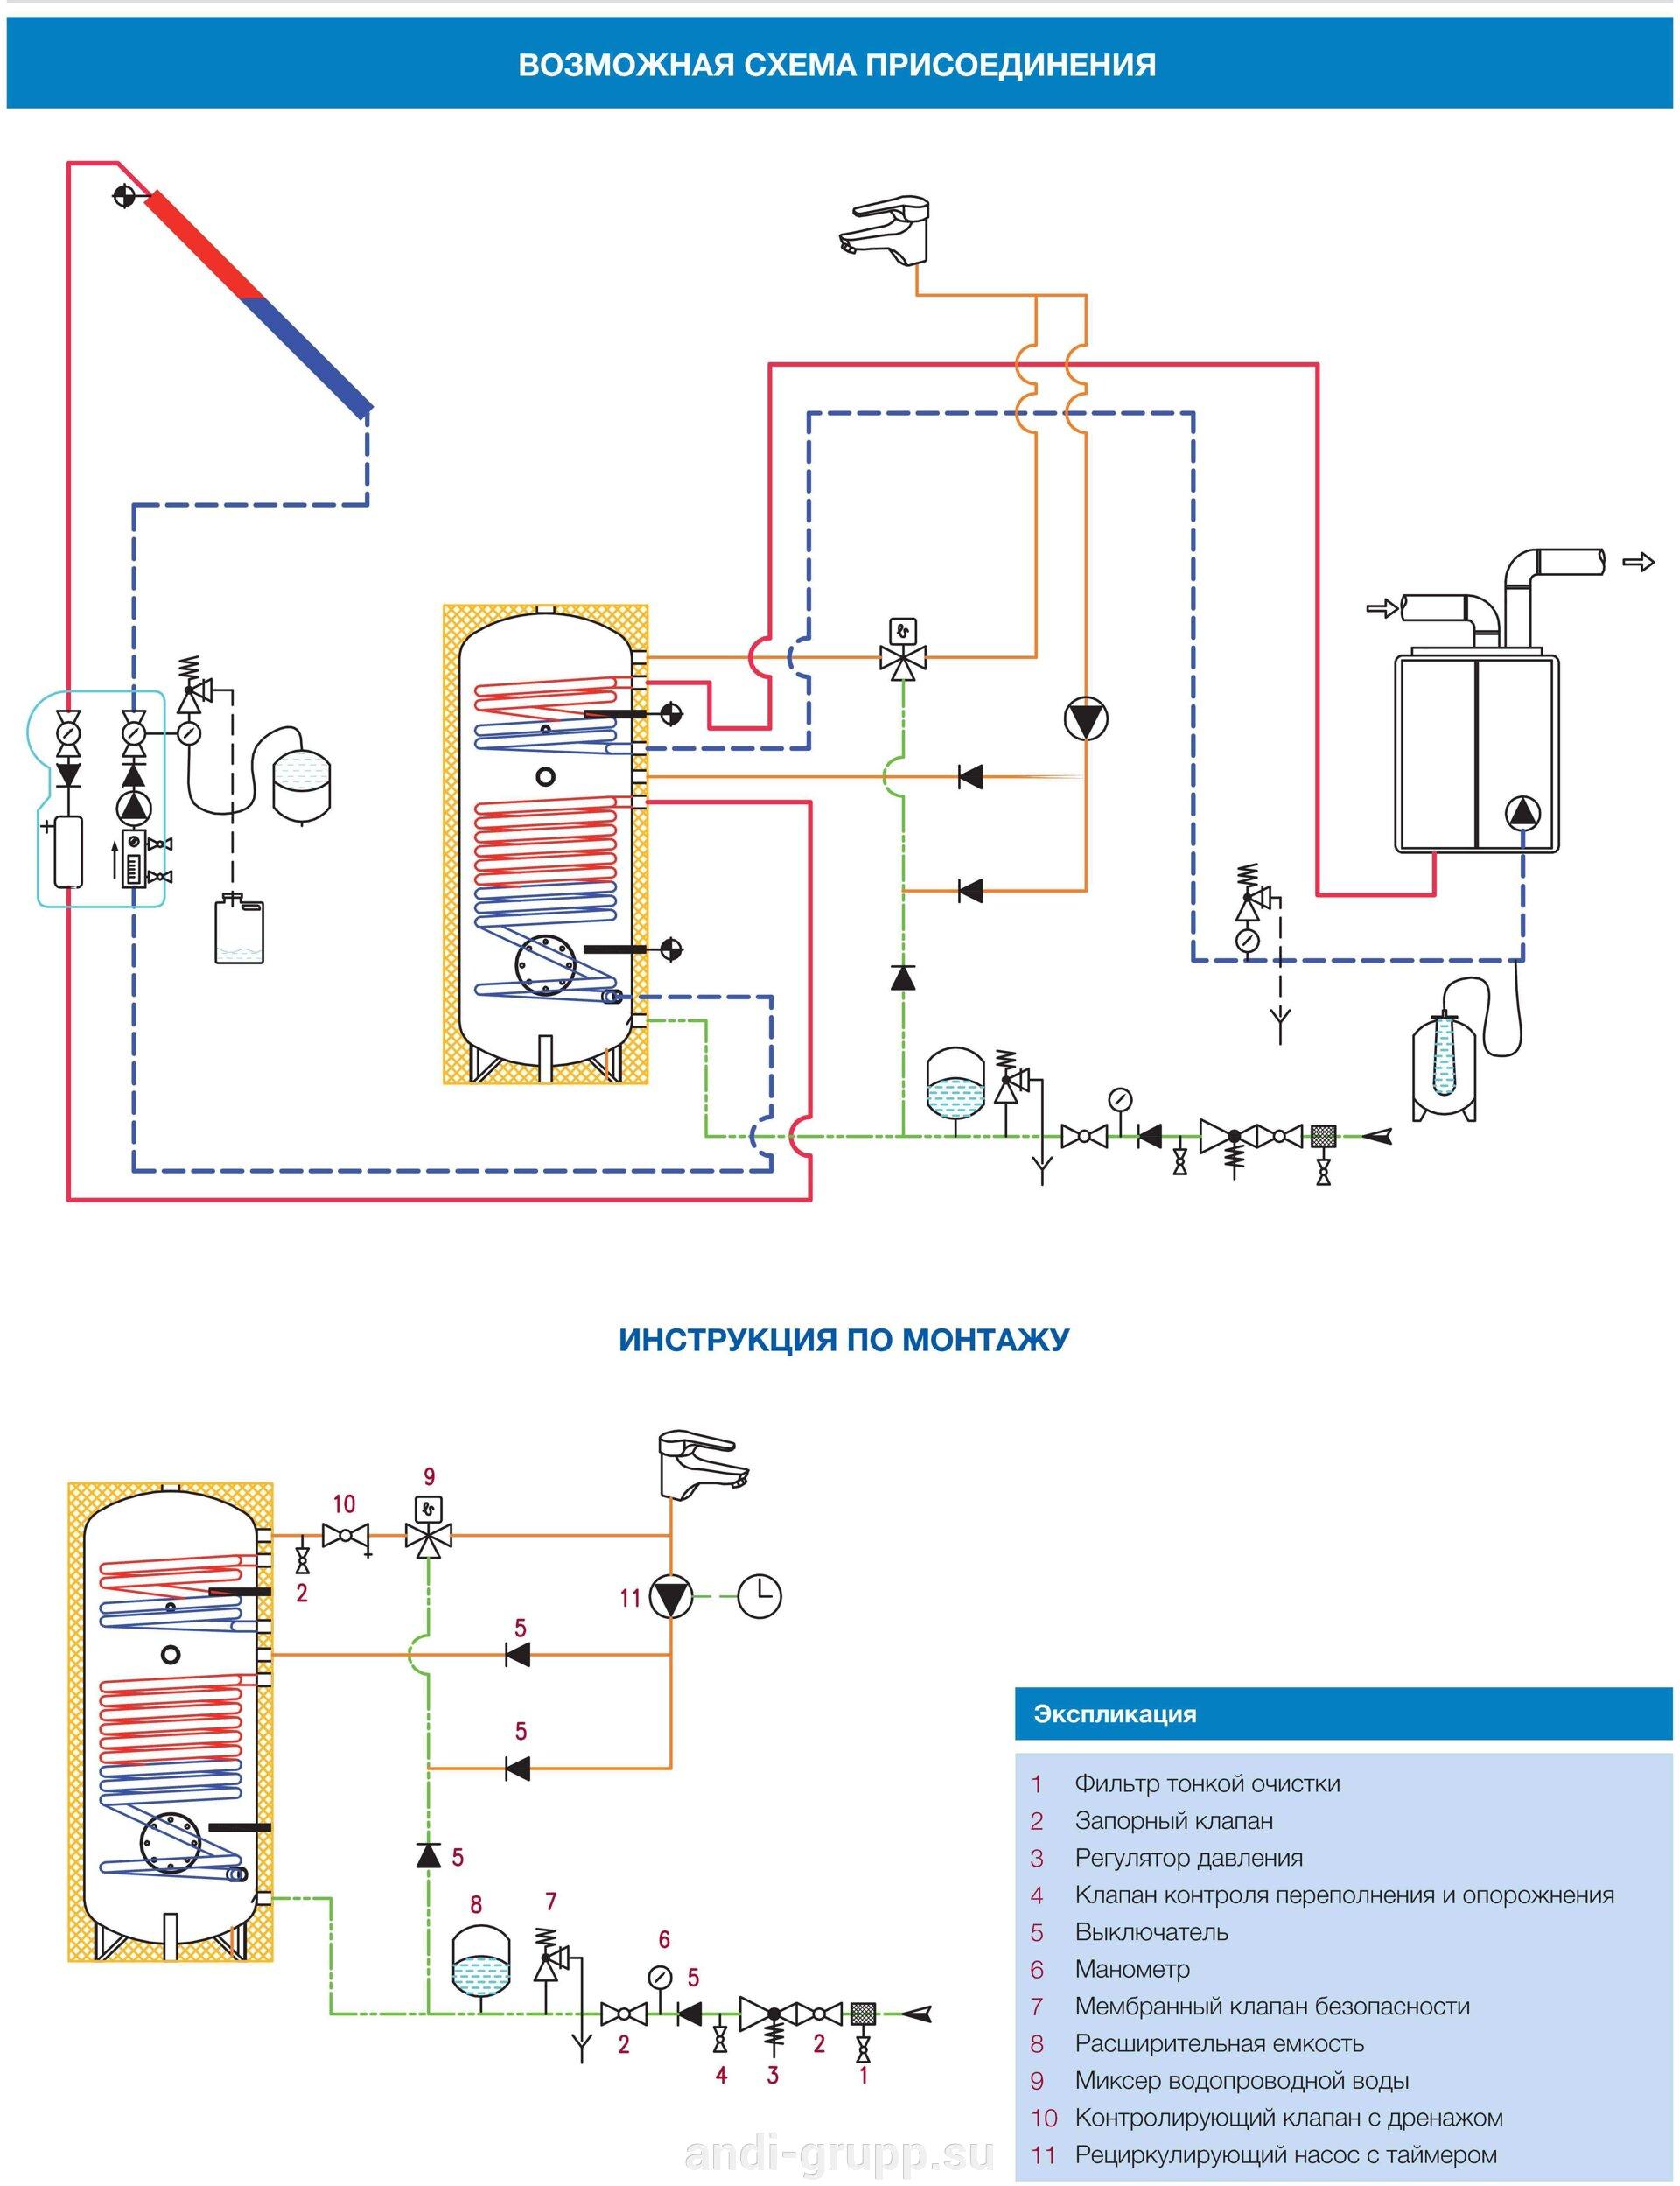 Бойлер omega 200 Схема подключения.